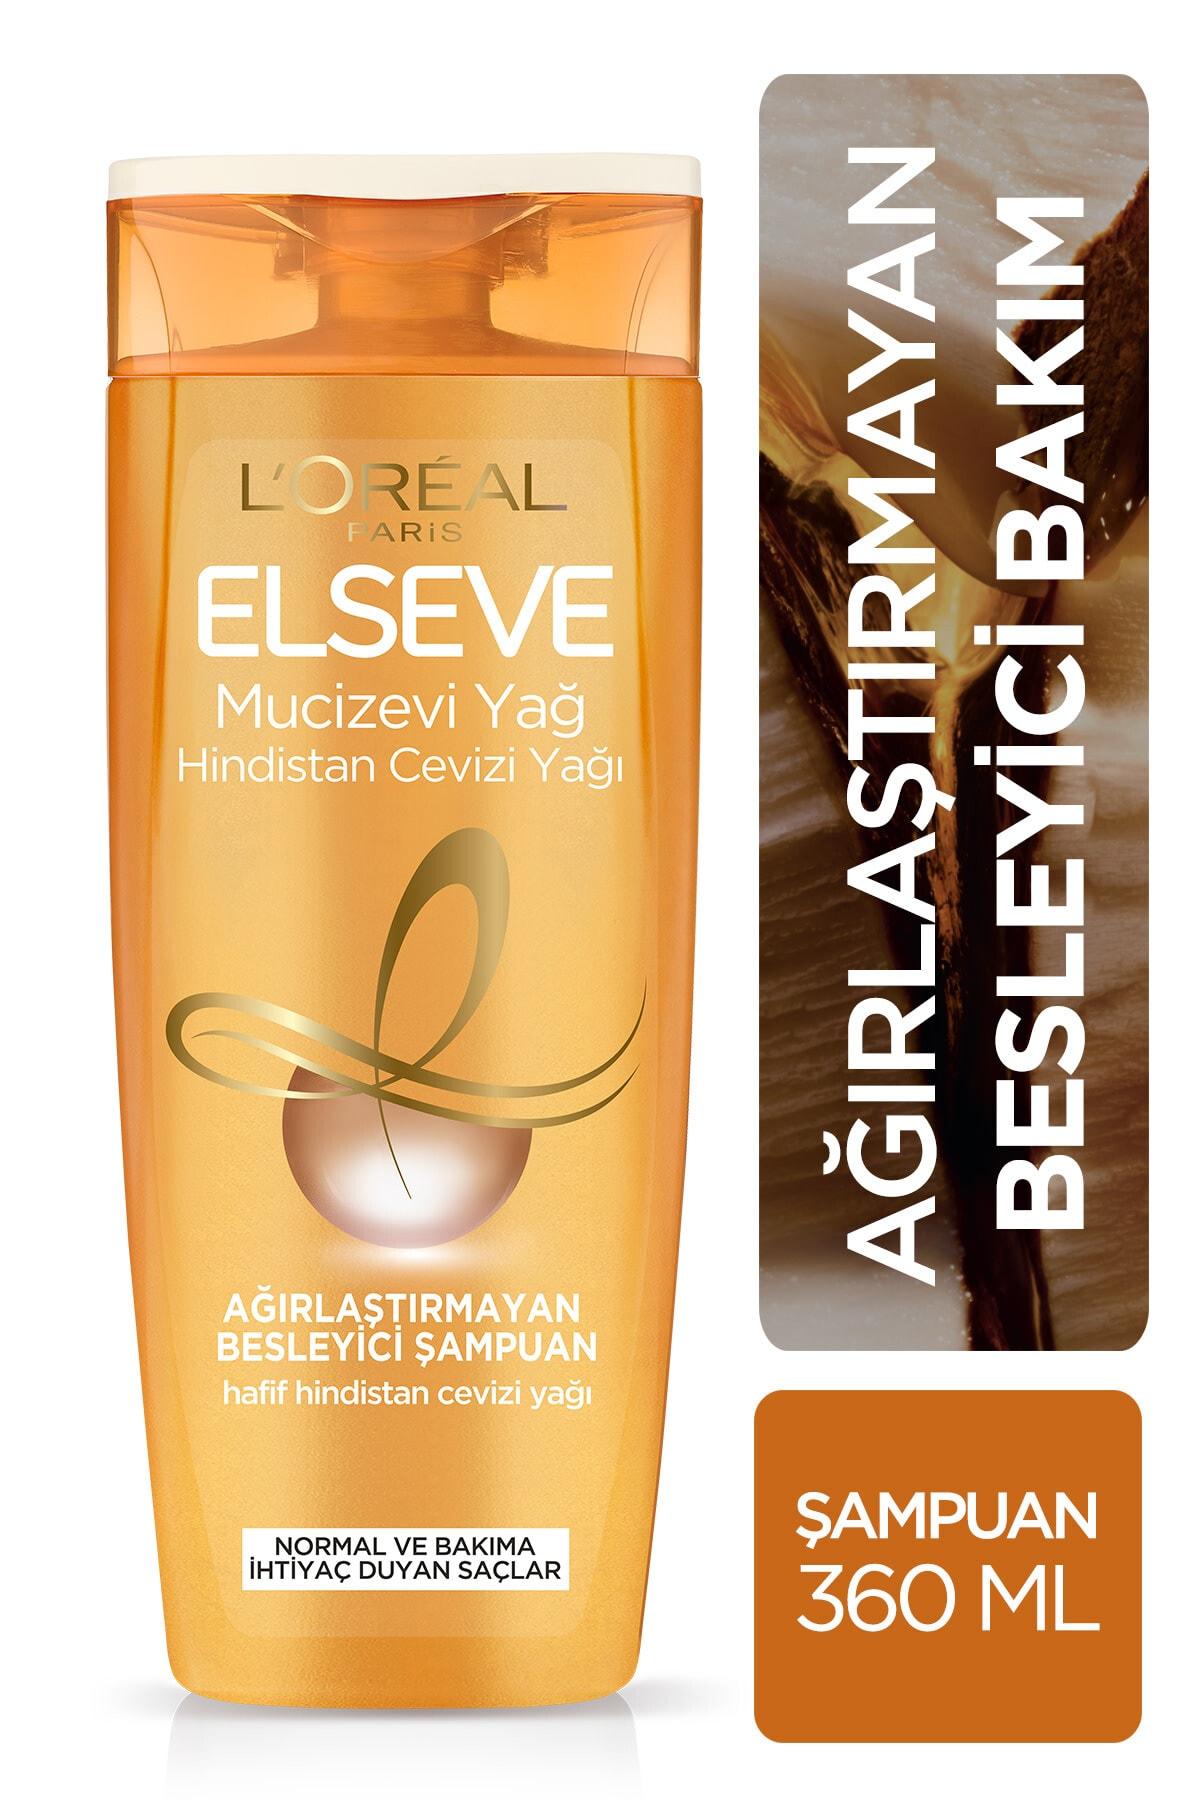 ELSEVE Mucizevi Hindistan Cevizi Yağı Ağırlaştırmayan Besleyici Şampuan 360 ml 1